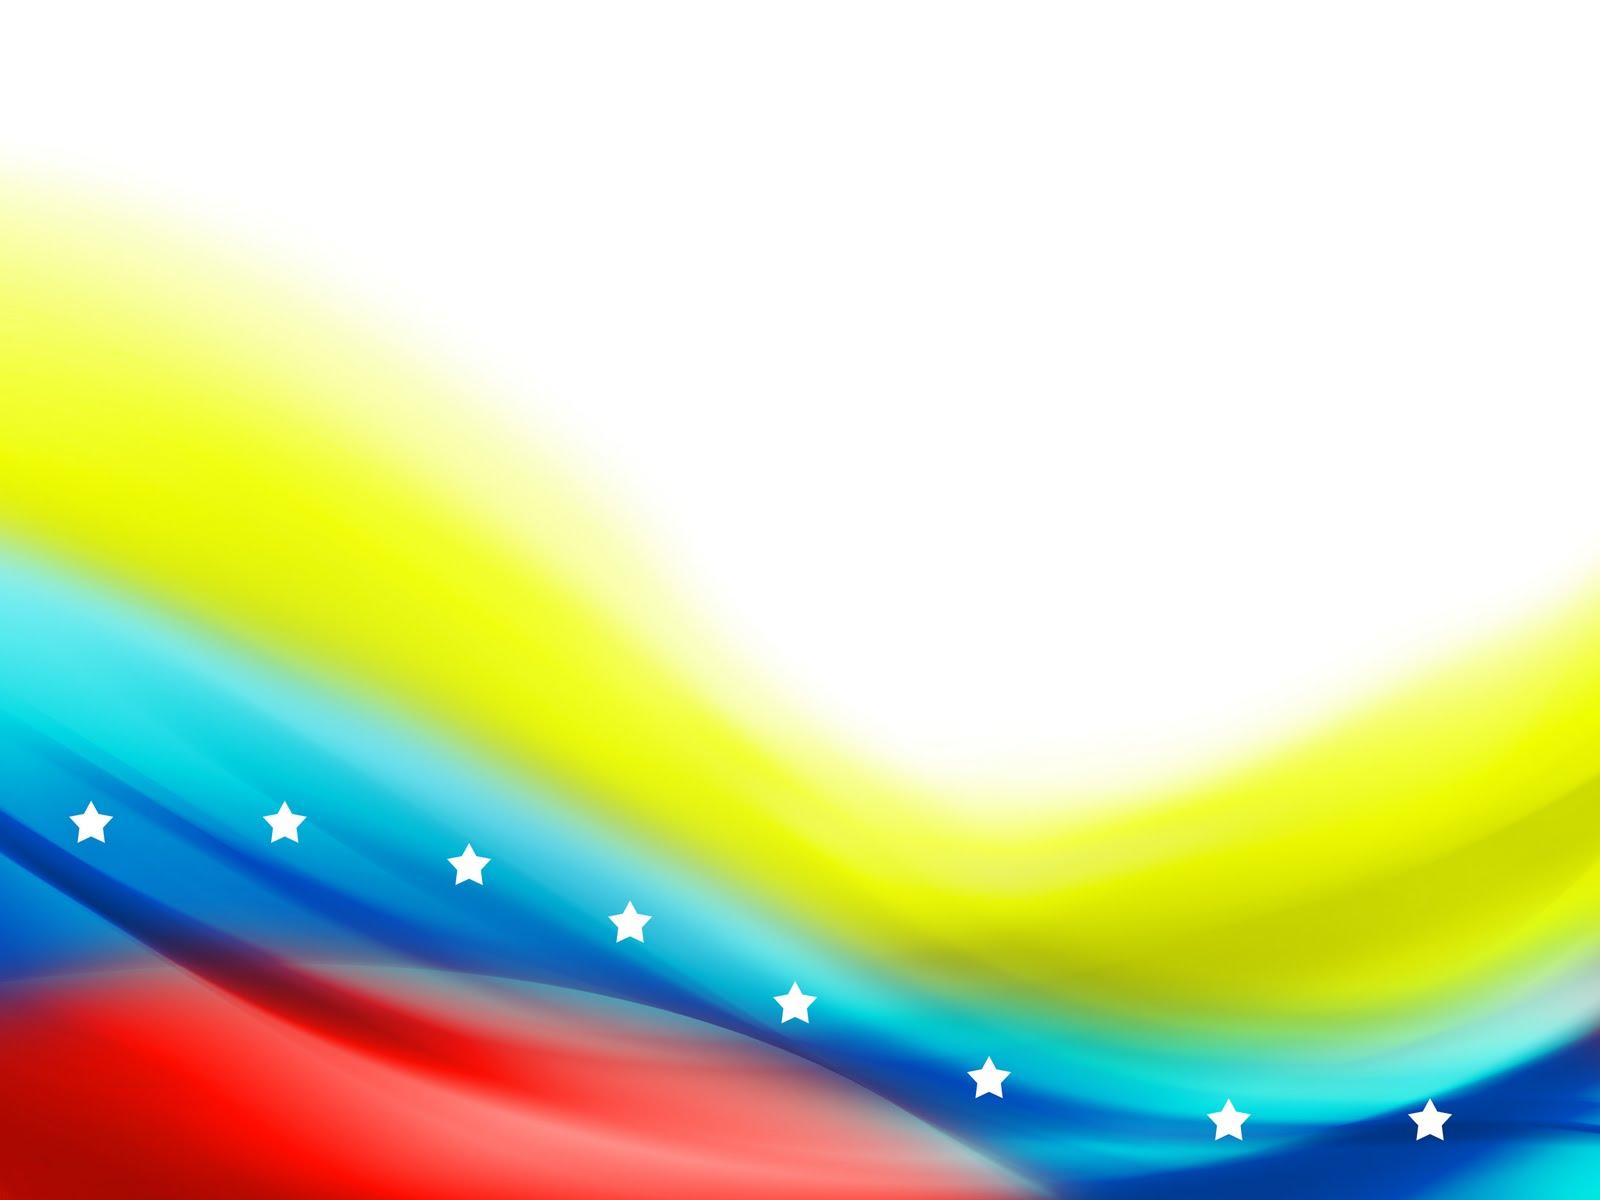 Sapitos Design  Venezuela Flag Background